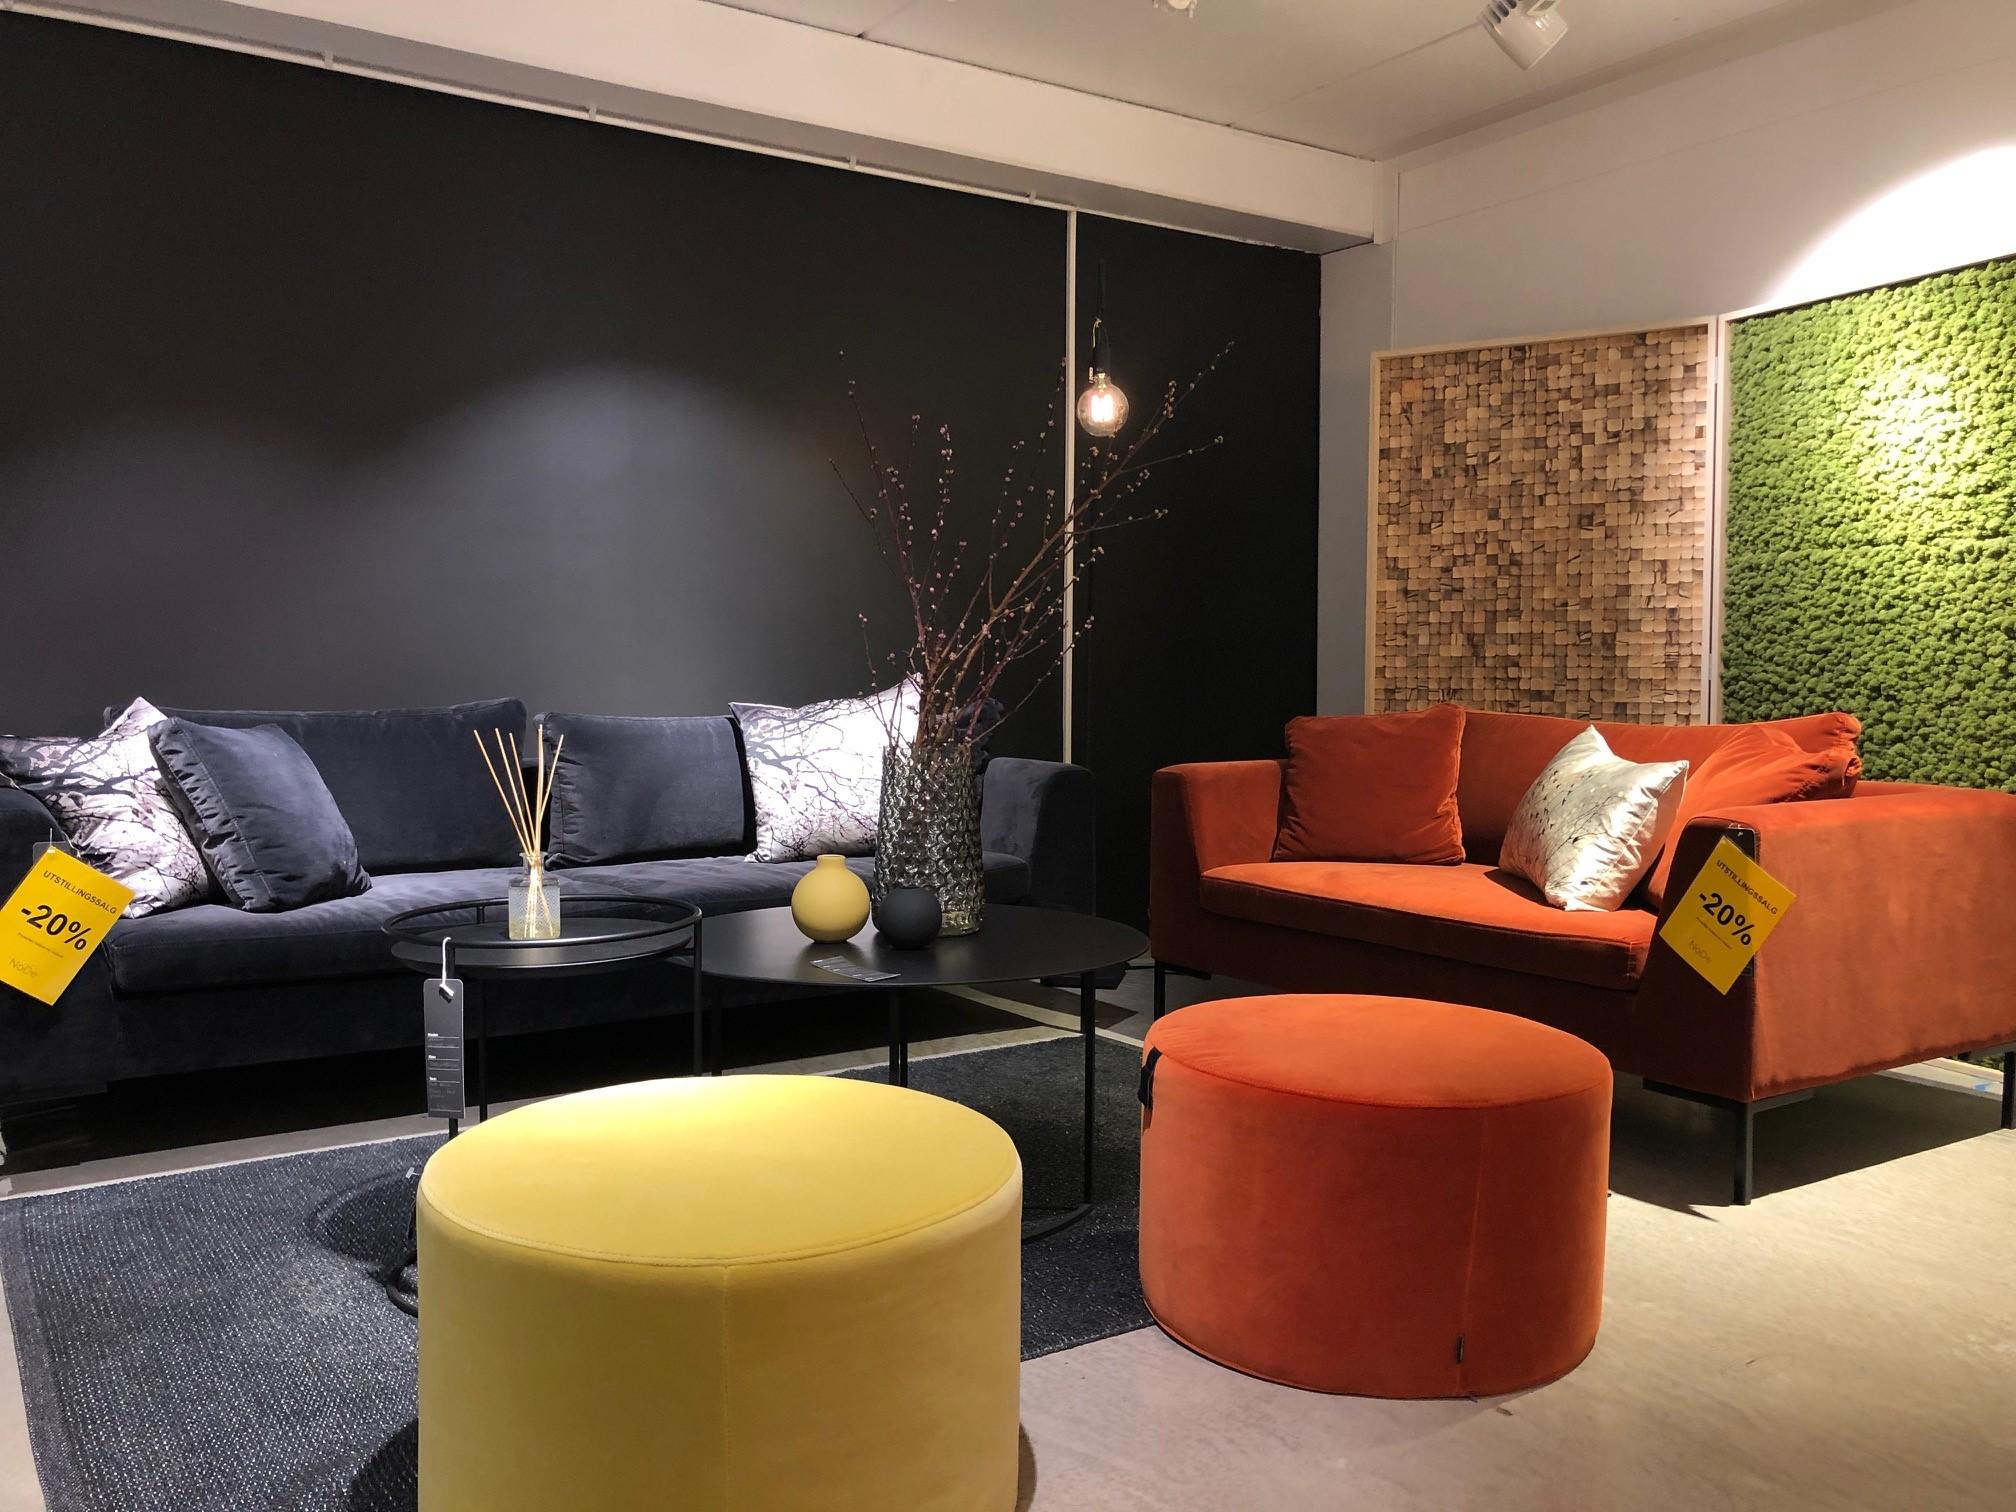 LYNG SOFAER -20%, (Mørkblå sofa er solgt) MINGLE PUFF GUL OG ORANSJE -20%